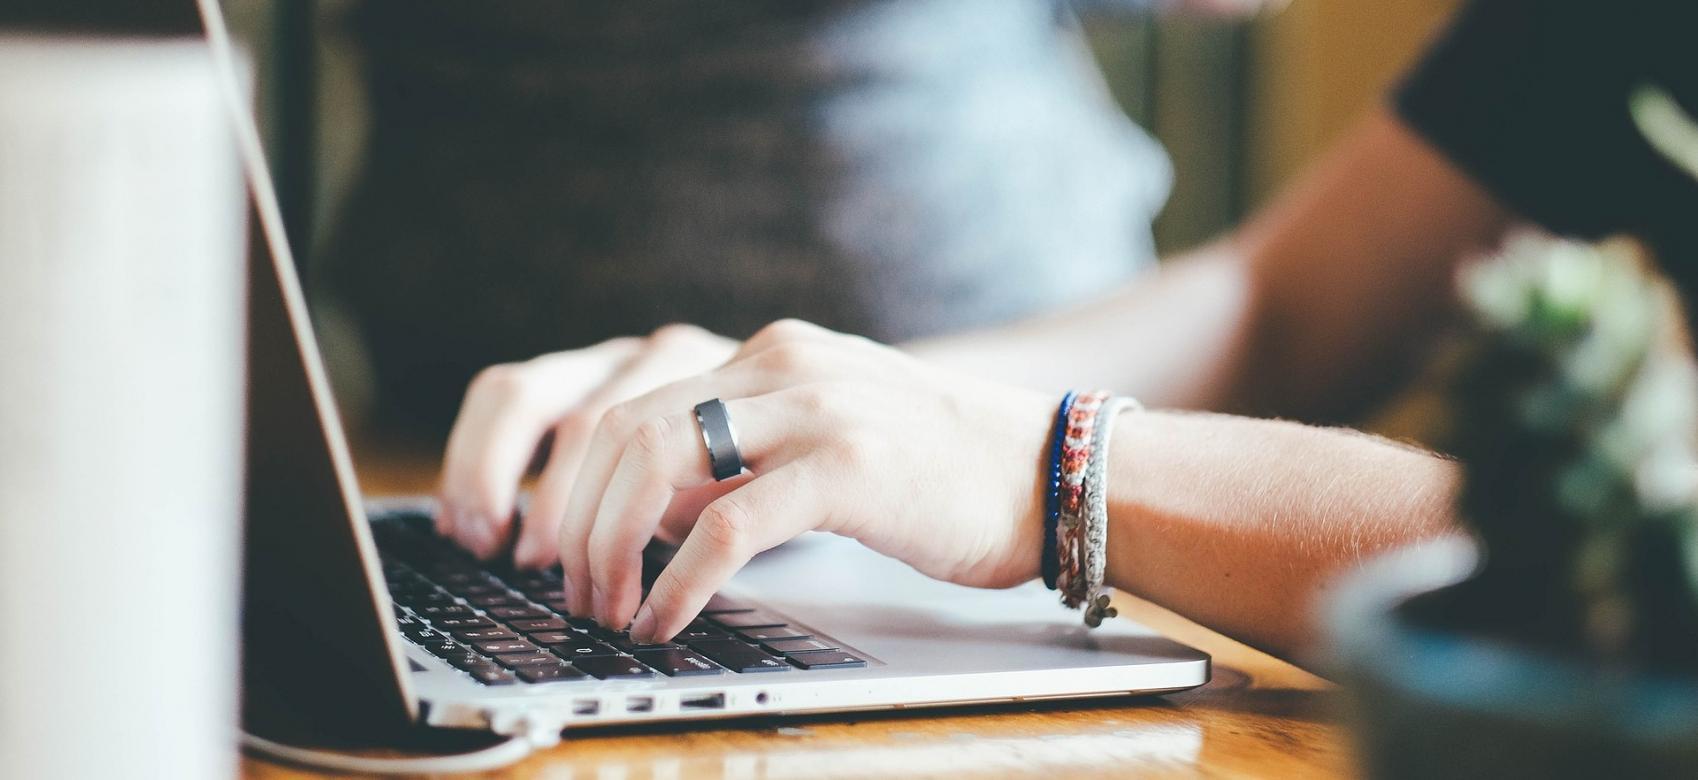 Imagen de un manos trabajando en un ordenador portatil